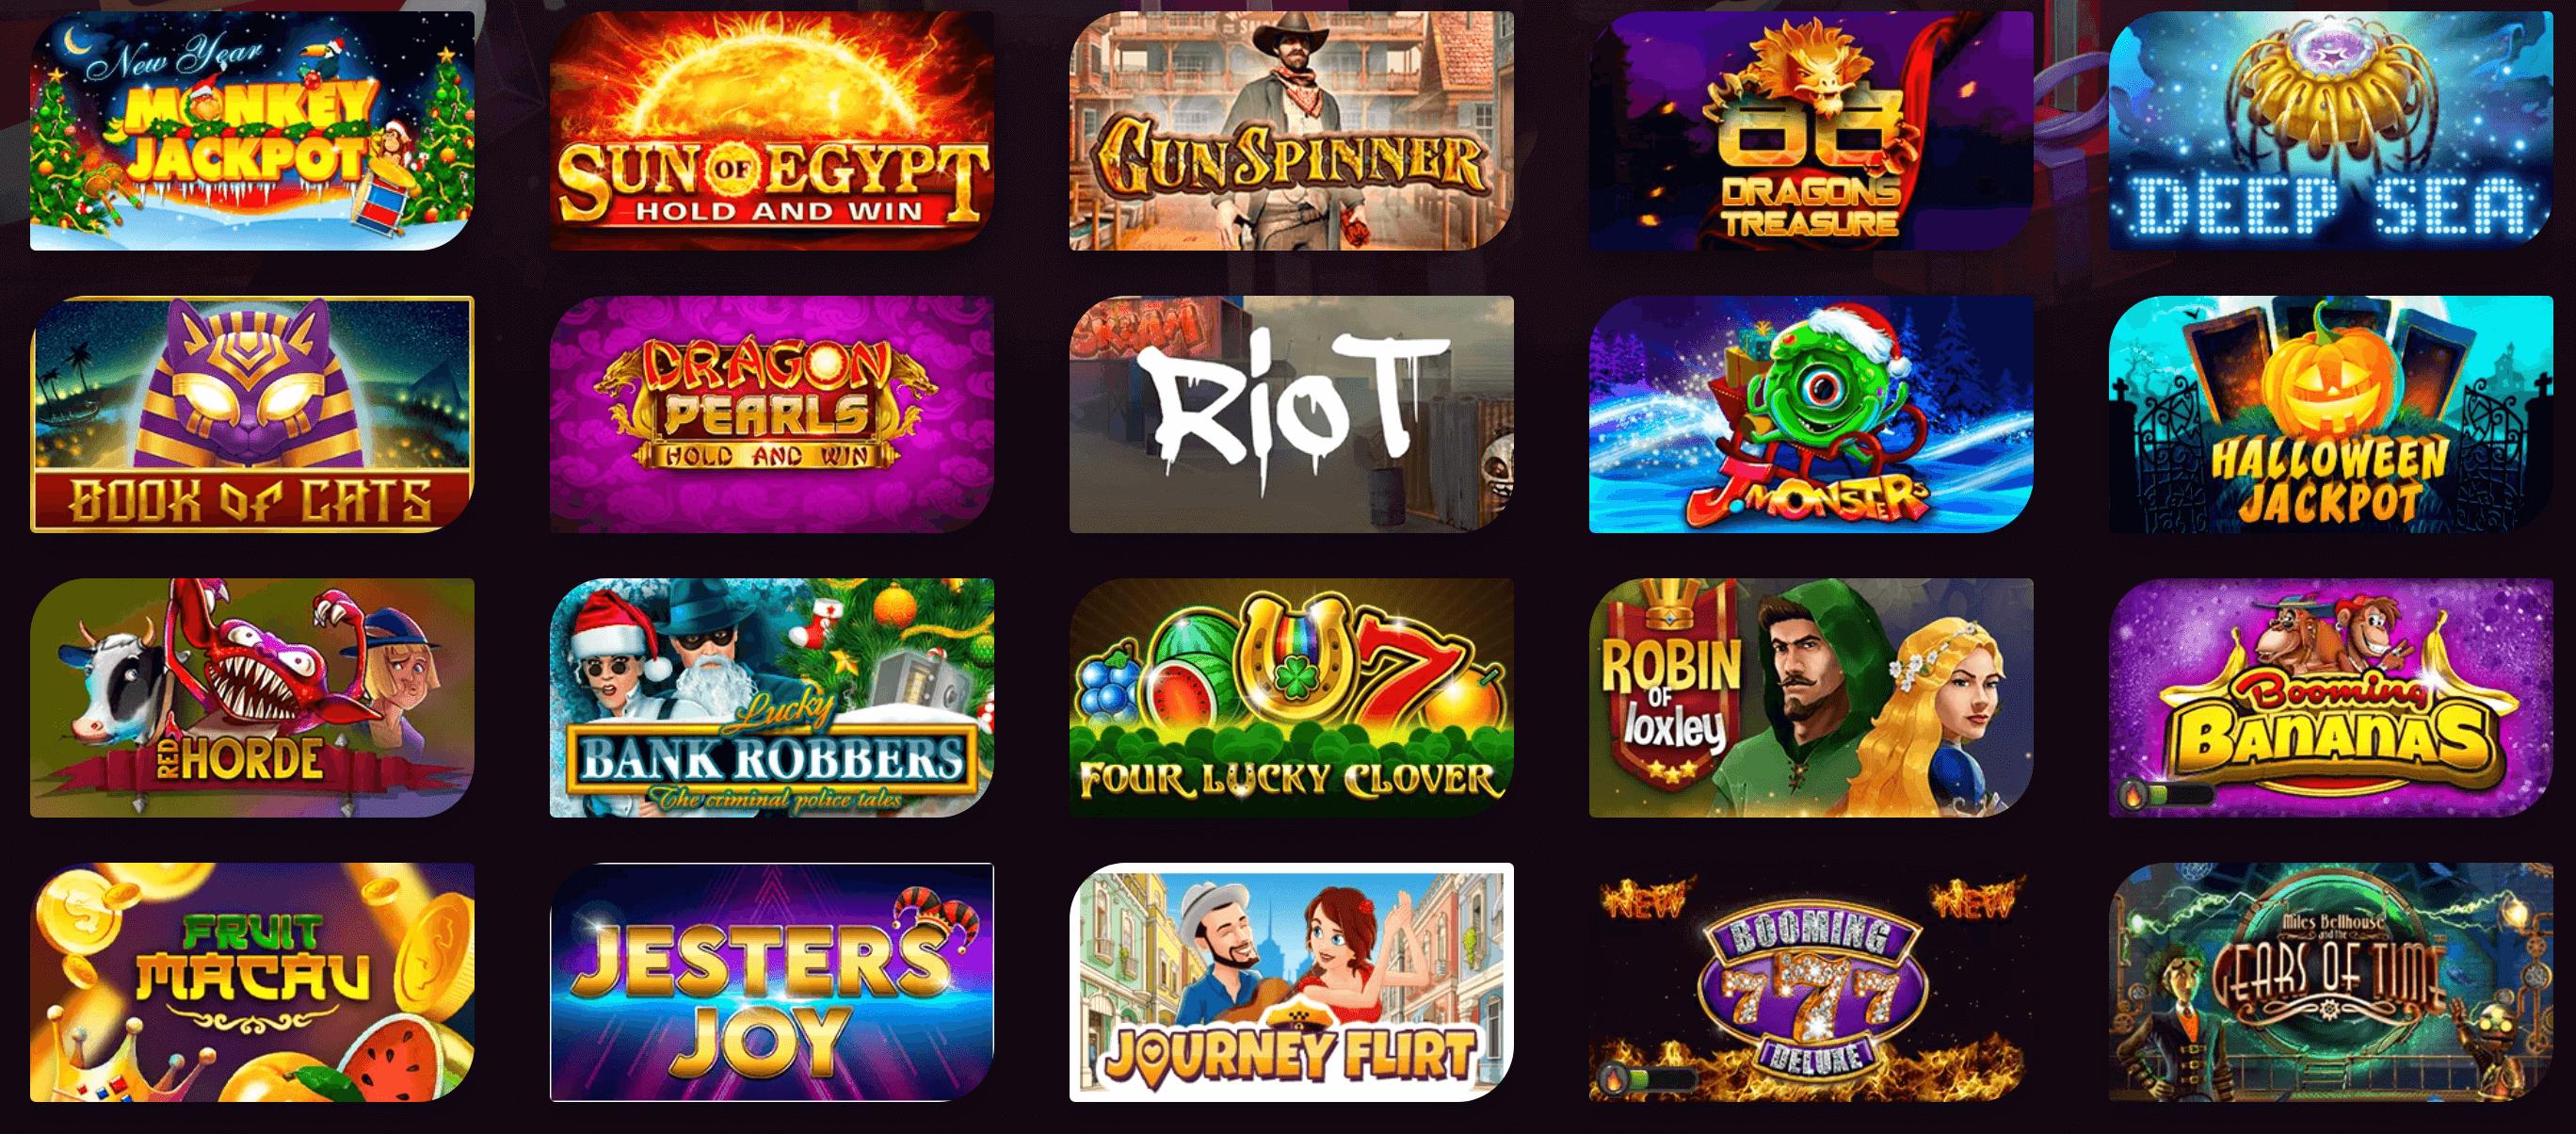 casinonic slot machine